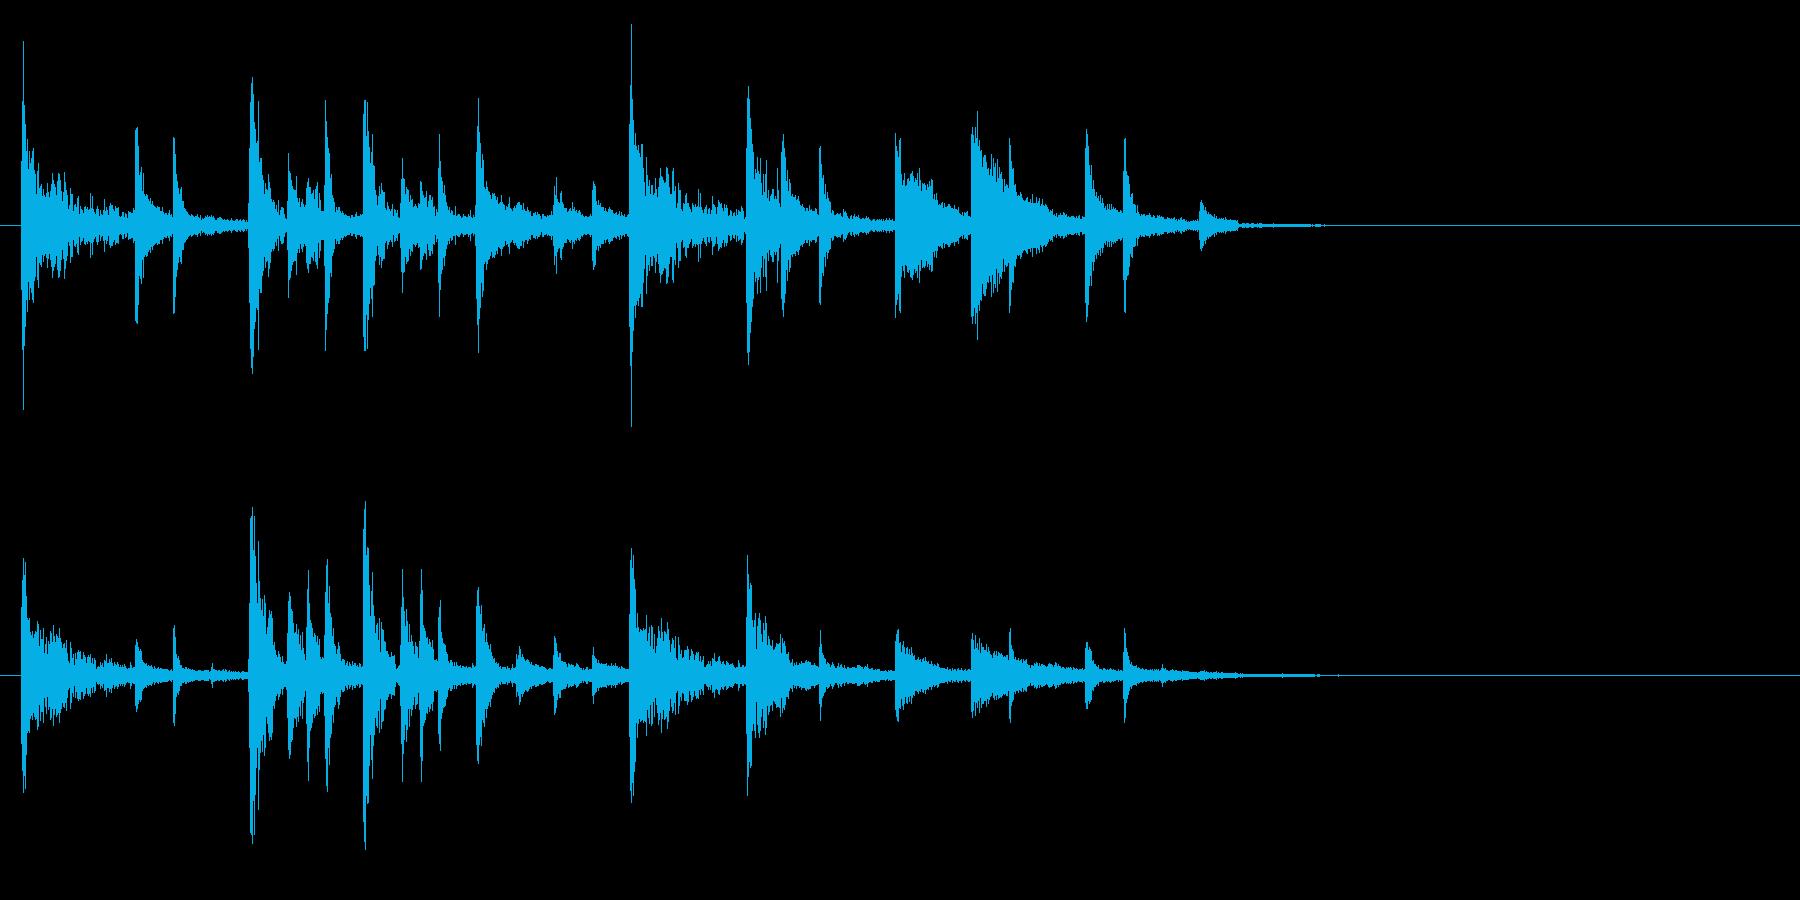 リズミカルな転換音 ドンチカチャリーンの再生済みの波形